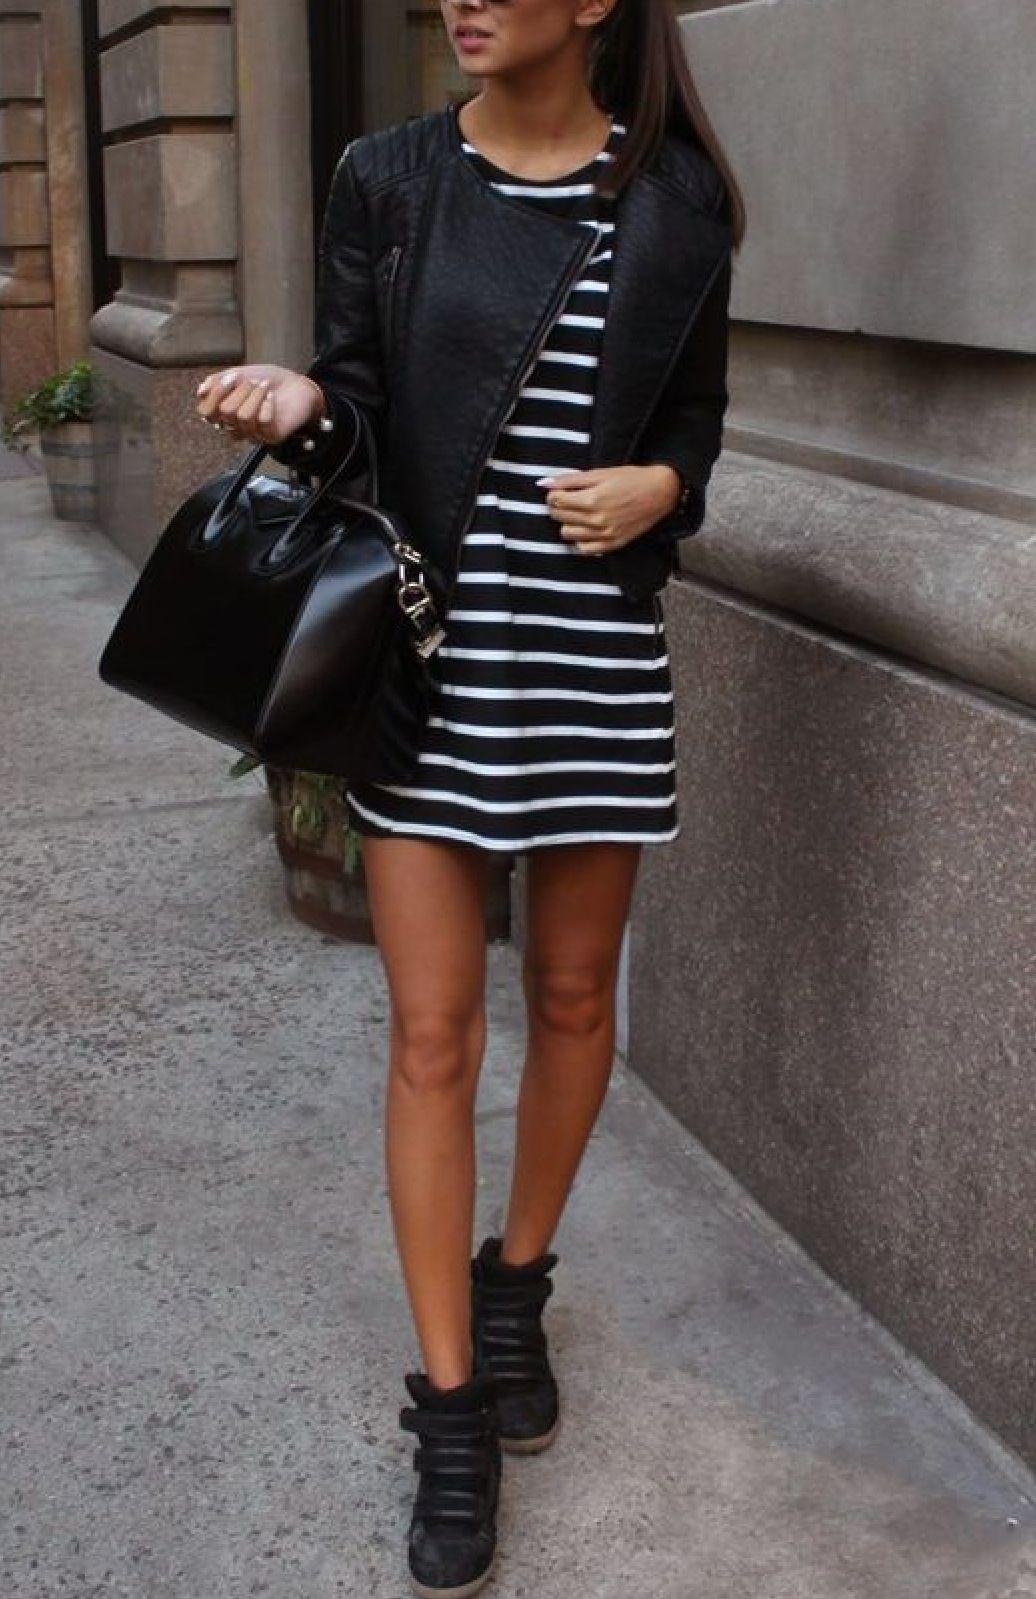 Edgy leather jackets and feminine dresses   a stylish